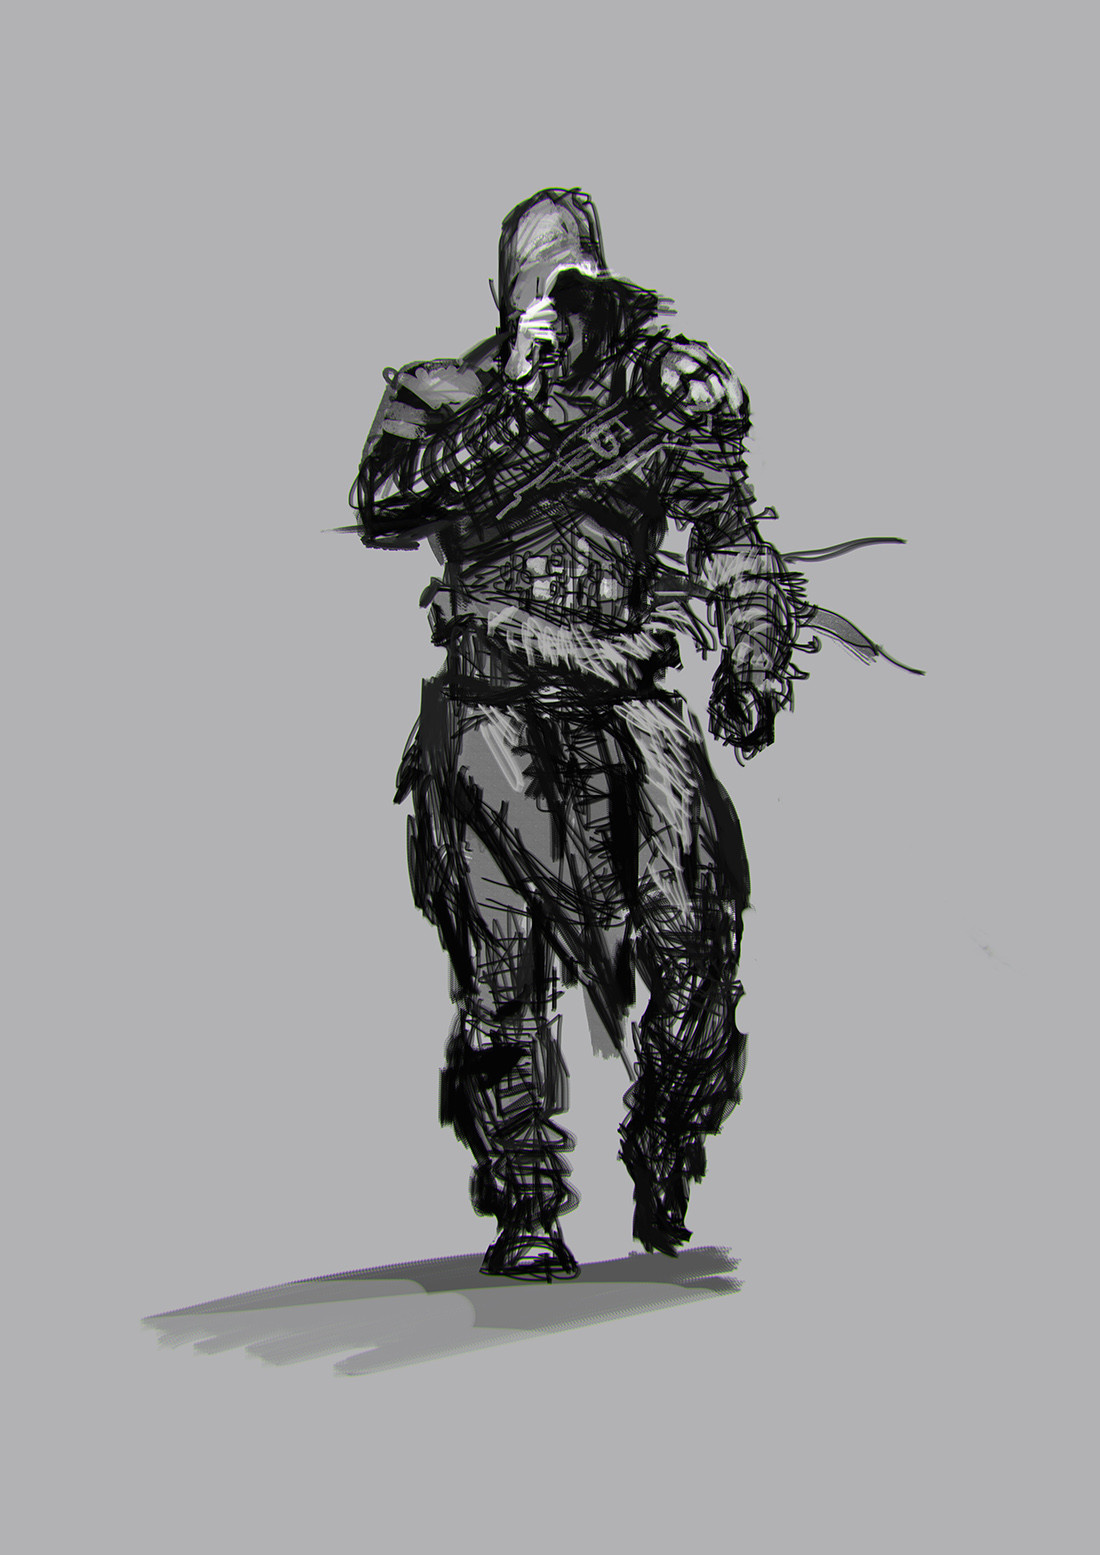 Andrei riabovitchev kaulder armor clothing v001 005